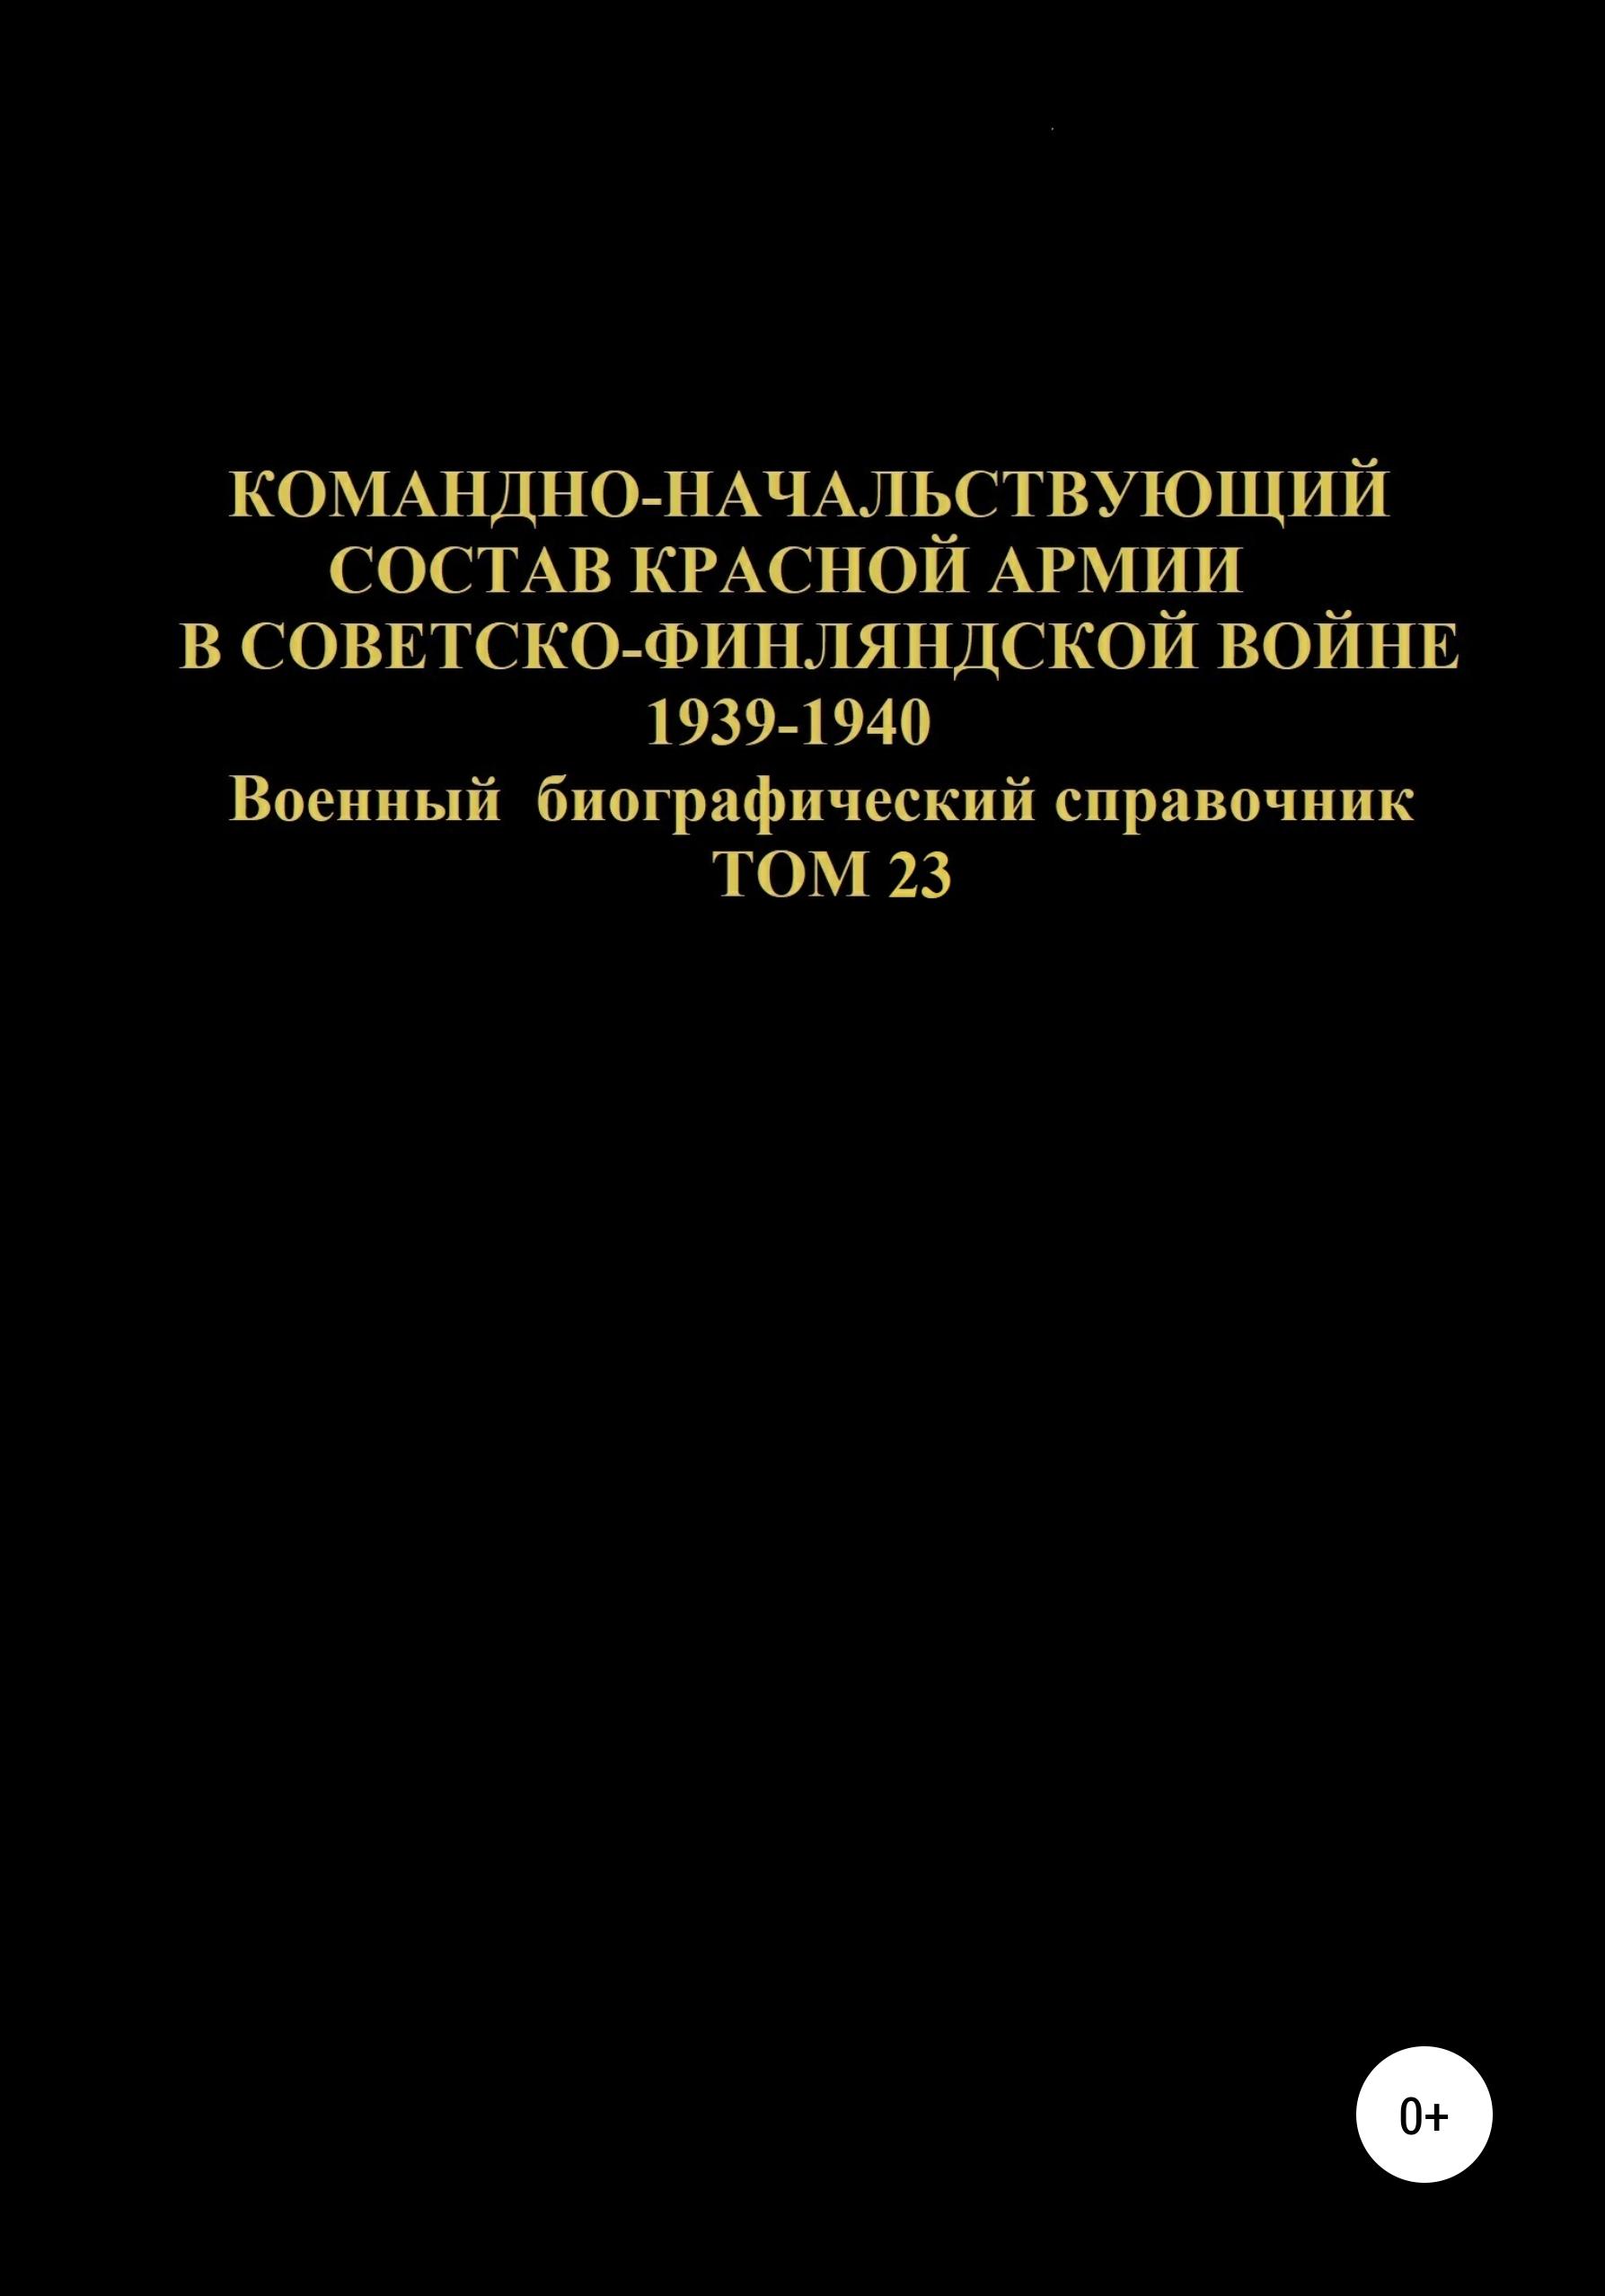 Командно-начальствующий состав Красной Армии в советско-финляндской войне 1939-1940 гг. Том 23